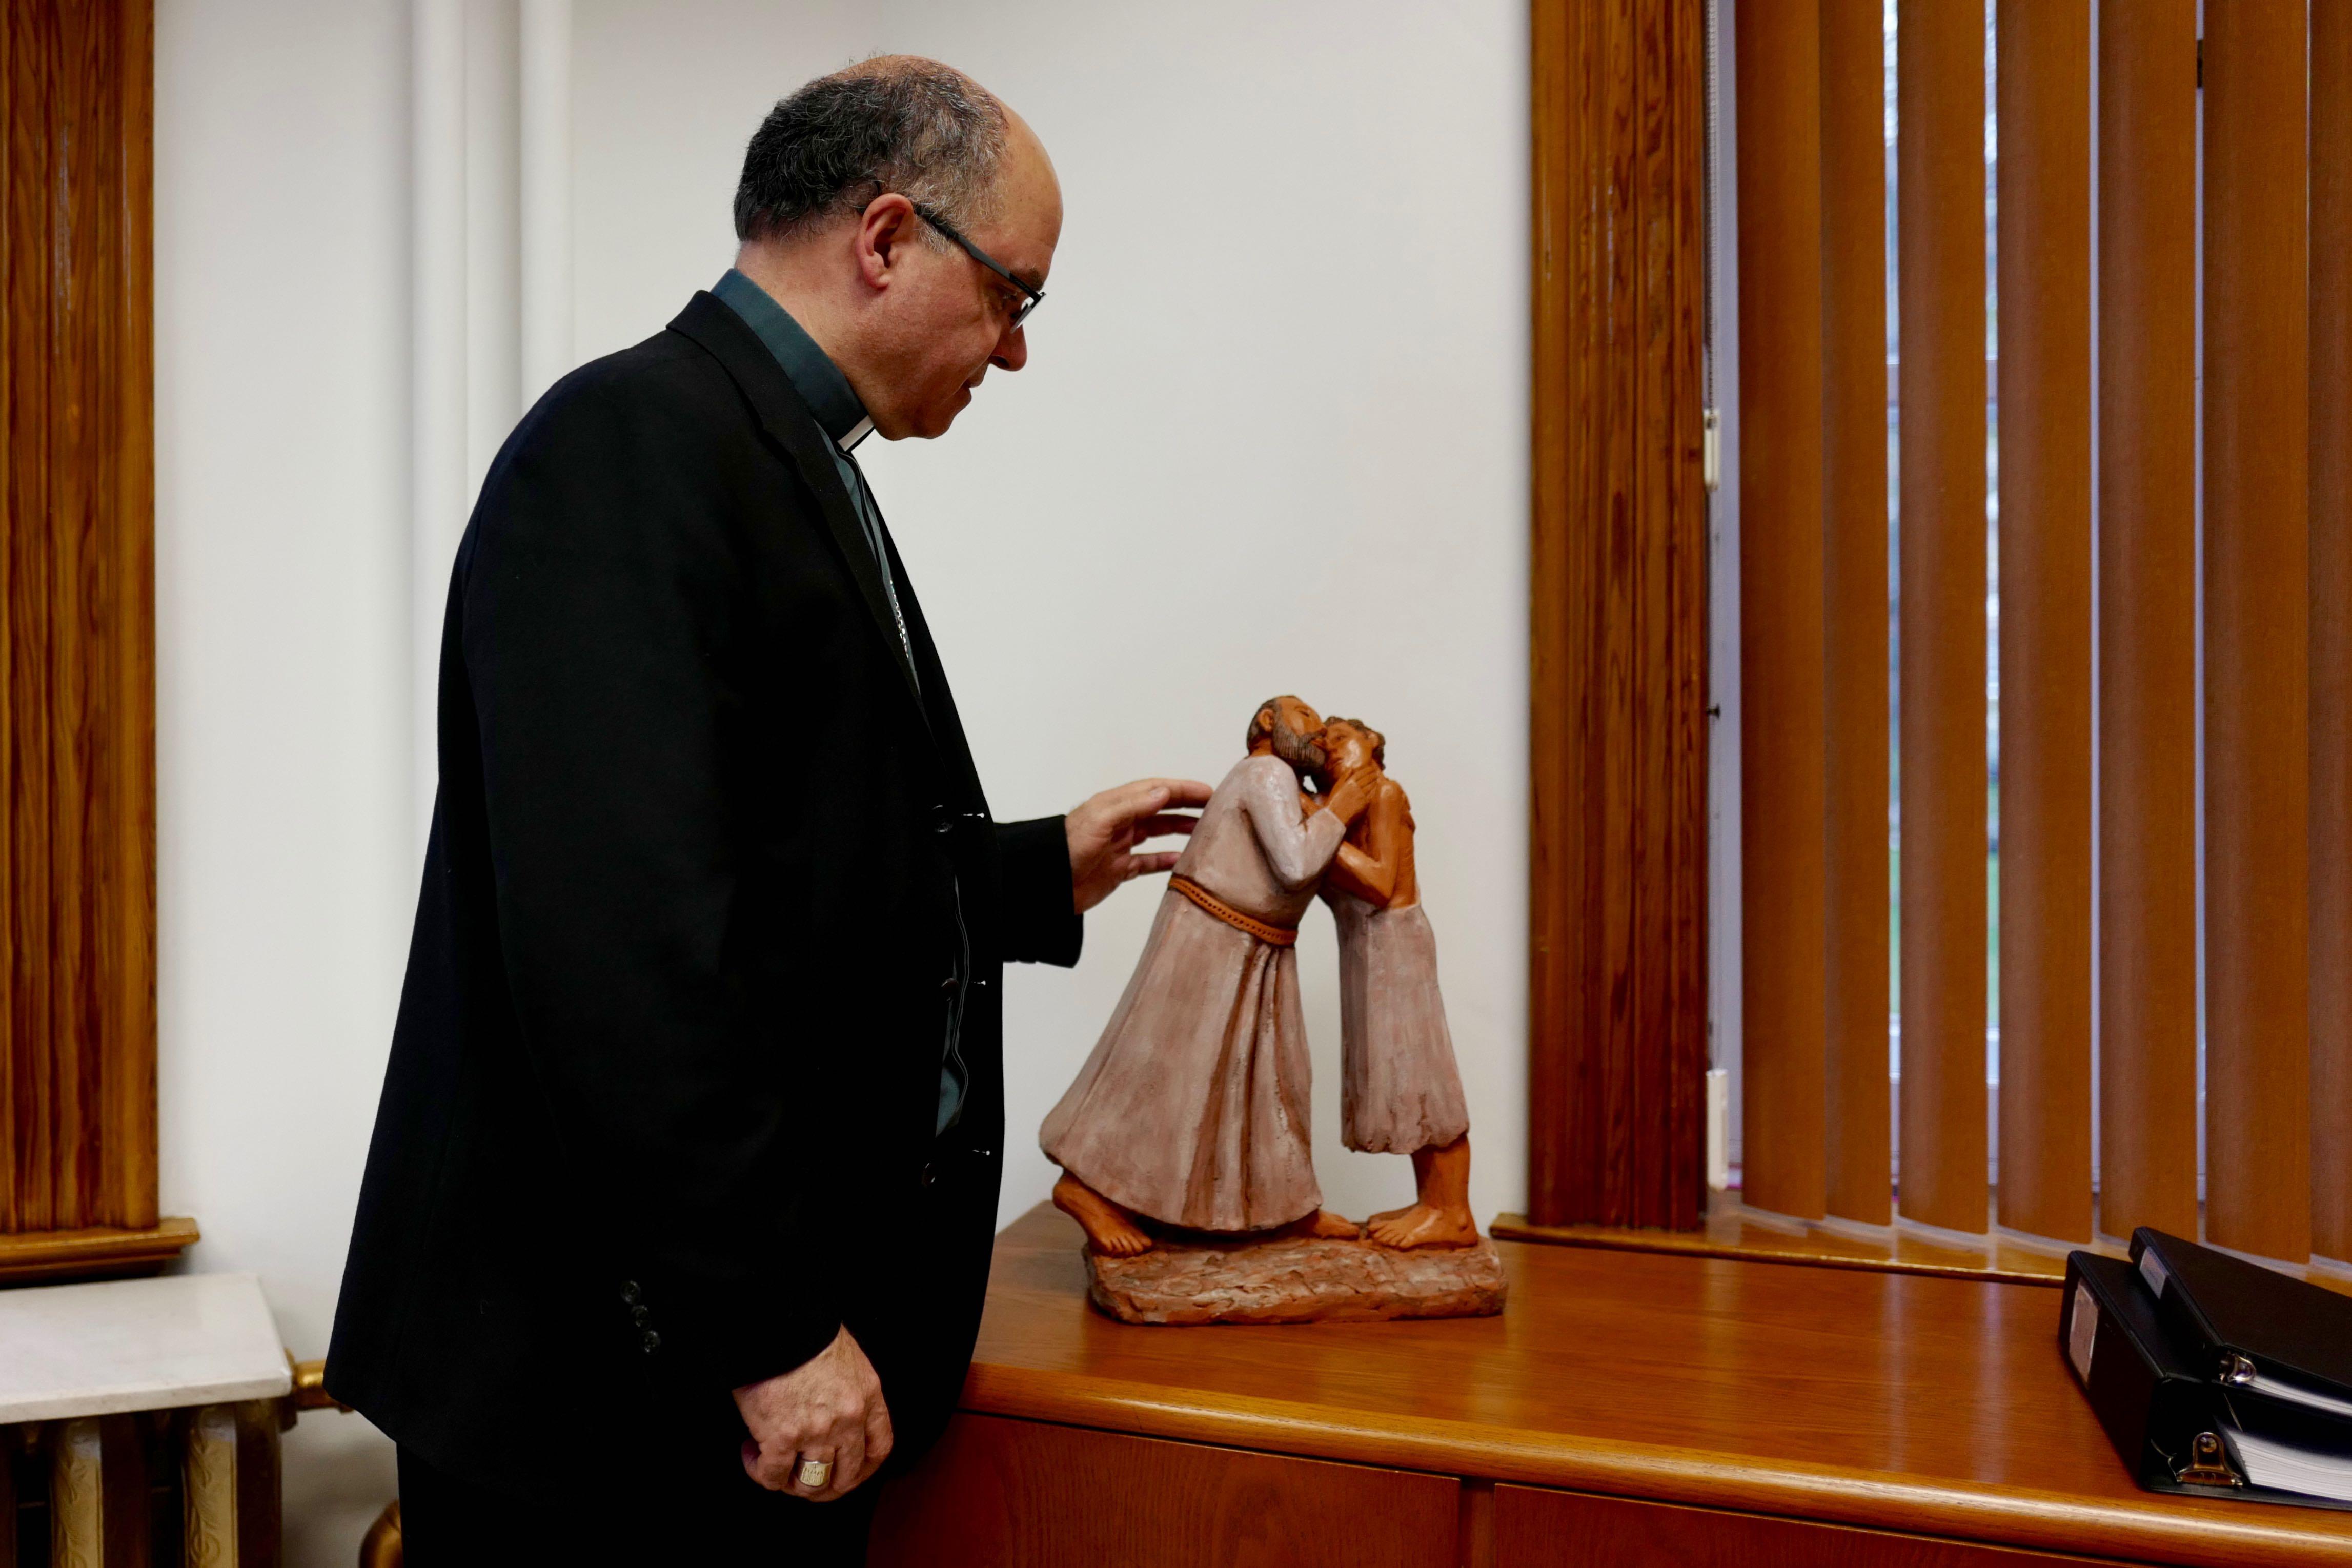 Mgr Denis Grondin archevêque de Rimouski au Canada dans son bureau ©Sabine de Rozieres - 1